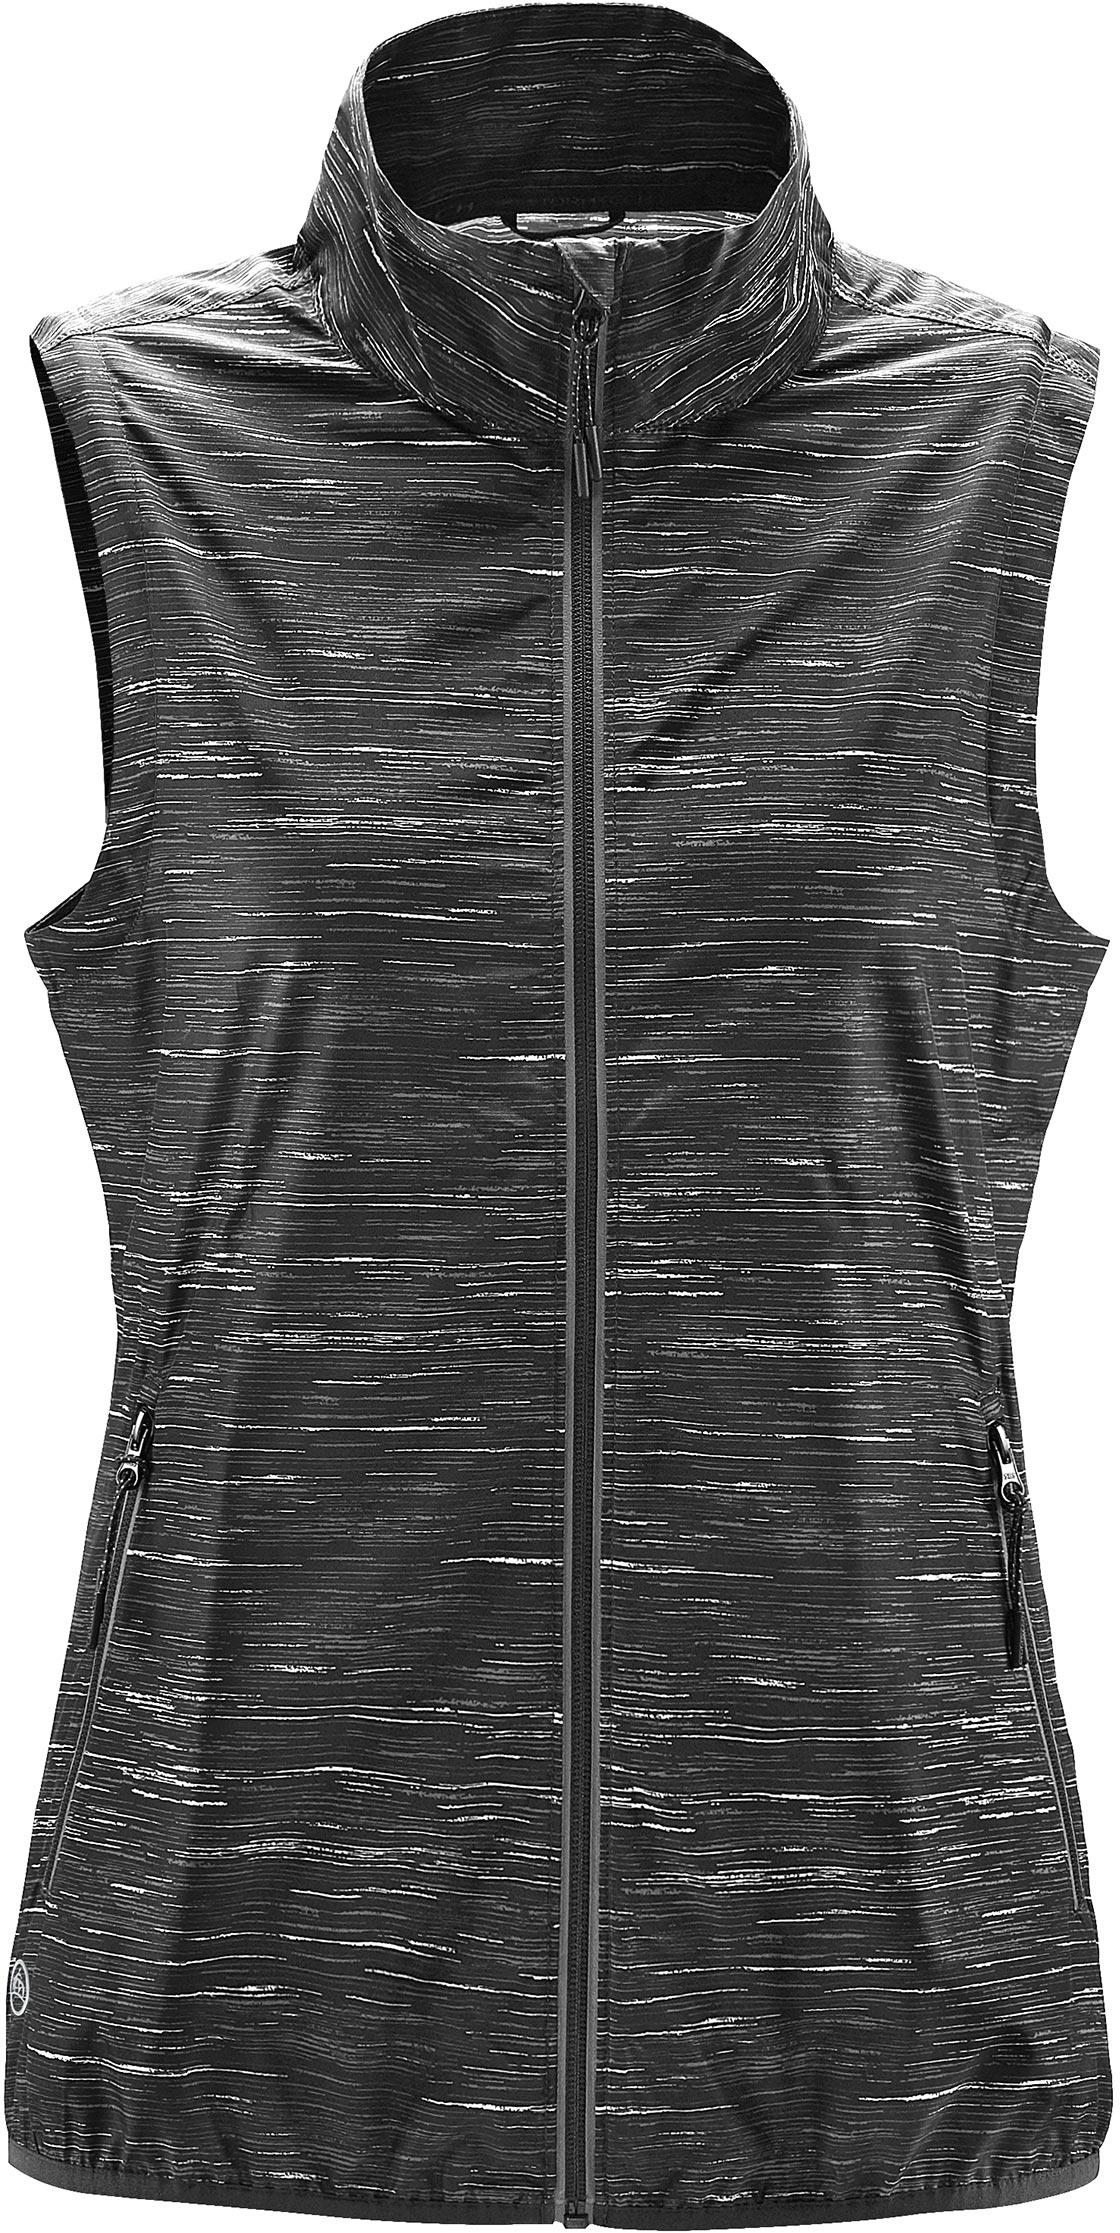 Stormtech APV-1W - Women's Ozone Lightweight Shell Vest